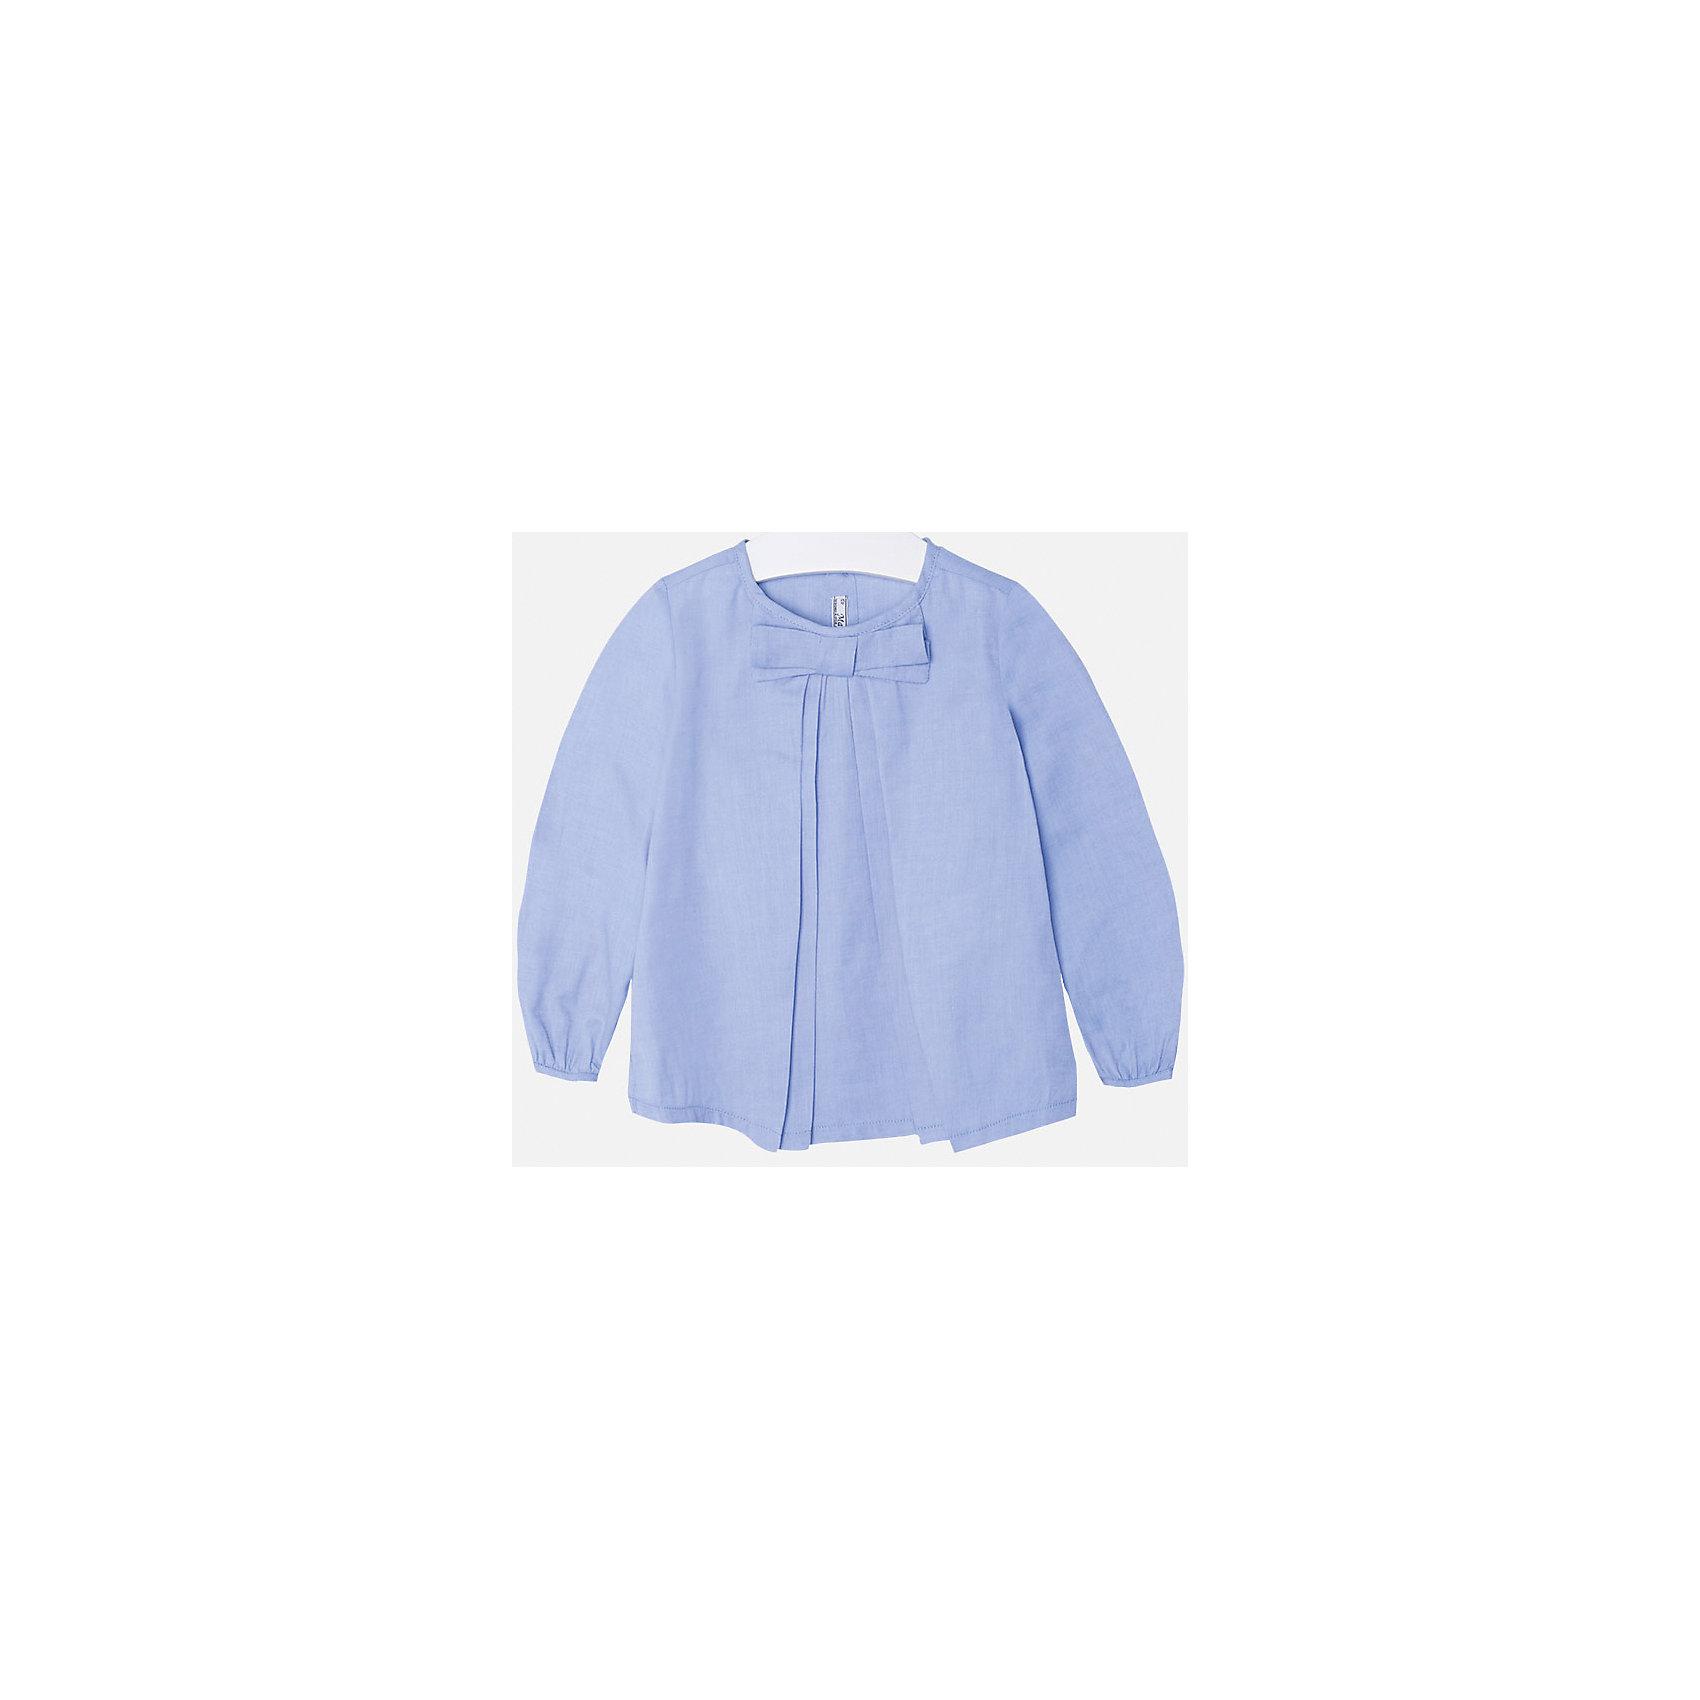 Блузка для девочки MayoralБлузки и рубашки<br>Блуза нежно-голубого цвета  торговой марки    Майорал -Mayoral. Блуза свободного  кроя, выполнена из чистого хлопка, и декорирована милым бантиком. На спинке по всей длине имеются пуговицы. Модель прекрасно дополнит  и подчеркнет ежедневный и школьный образ Вашей девочки.<br><br>Дополнительная информация:<br><br>- вид застежки: пуговицы<br>- длина рукава: длинные<br>- фактура материала: текстильный<br>- длина изделия: по спинке: 48 см<br>- покрой: прямой<br>- состав: 100% хлопок<br>- уход за вещами: бережная стирка при 30 градусах<br>- рисунок: без рисунка<br>- назначение: повседневная<br>- сезон: круглогодичный<br>- пол: девочки<br>- страна бренда: Испания<br>- страна производитель:  Марокко<br>- комплектация: блузка<br><br>Блуза для девочки  торговой марки    Майорал можно купить в нашем интернет магазине<br><br>Ширина мм: 186<br>Глубина мм: 87<br>Высота мм: 198<br>Вес г: 197<br>Цвет: синий<br>Возраст от месяцев: 72<br>Возраст до месяцев: 84<br>Пол: Женский<br>Возраст: Детский<br>Размер: 122,134,110,128,104,98,116<br>SKU: 4846563